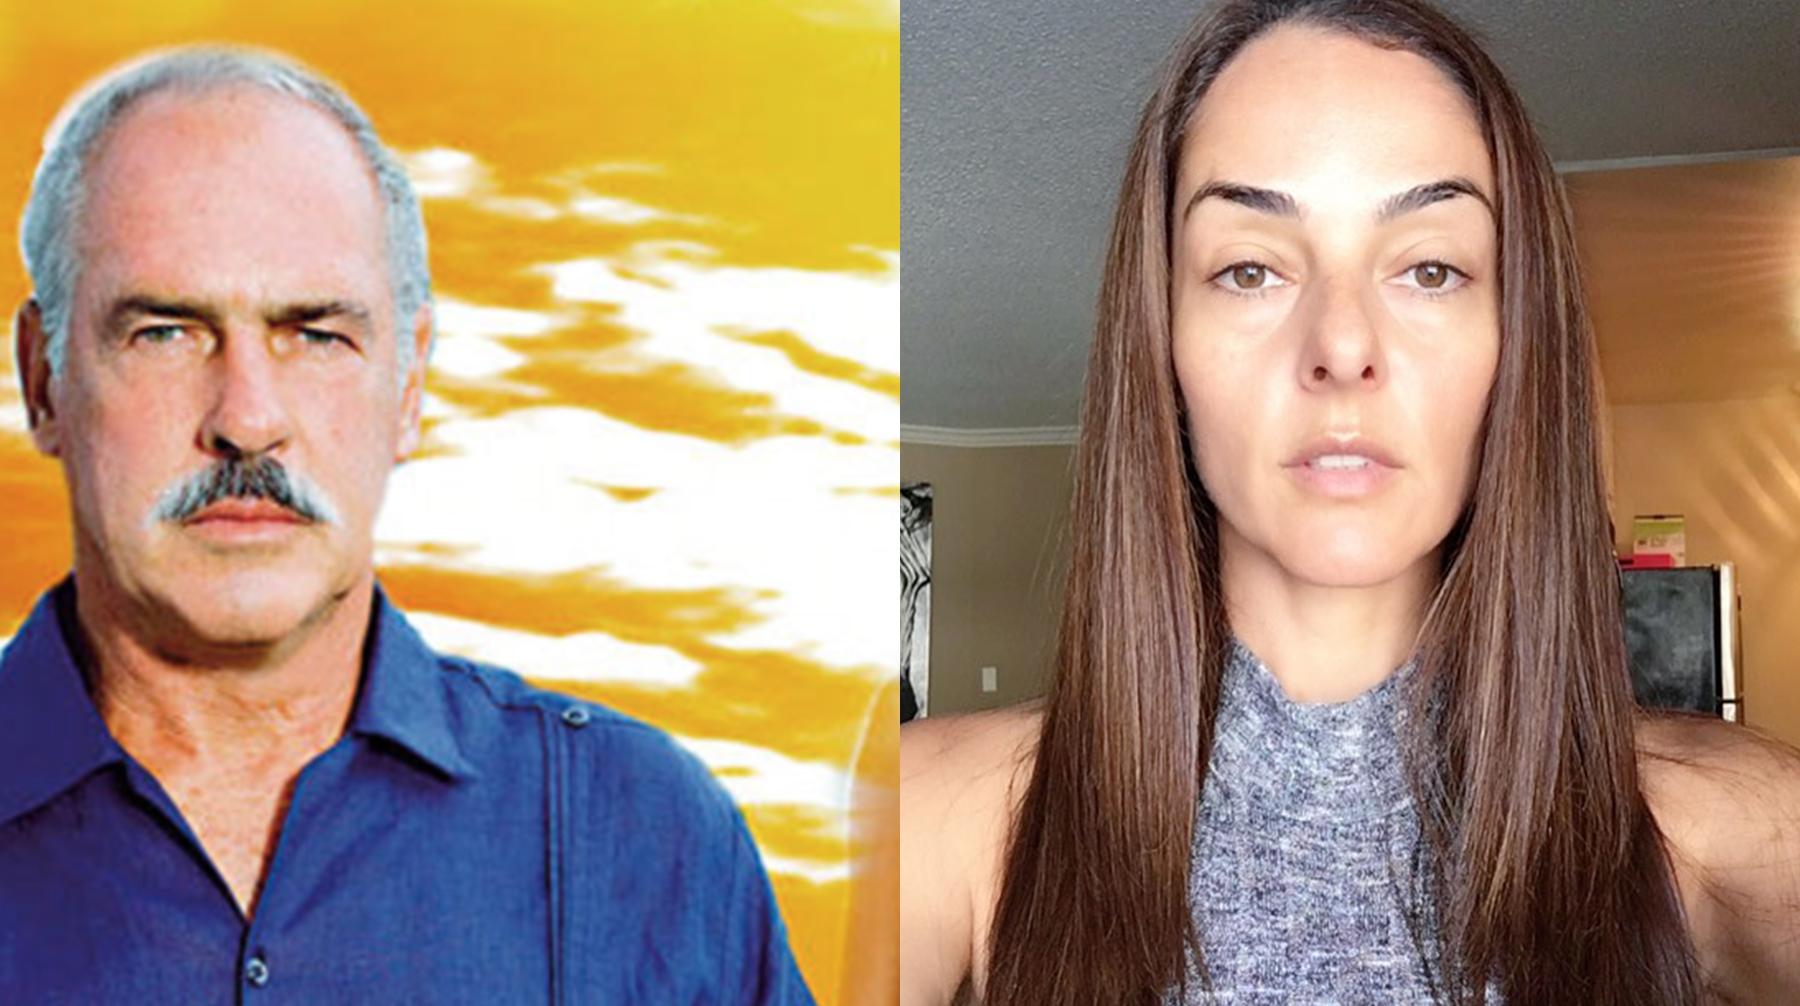 Andrea Garcia Videos instagram: hija del actor andrés garcía reaparece con